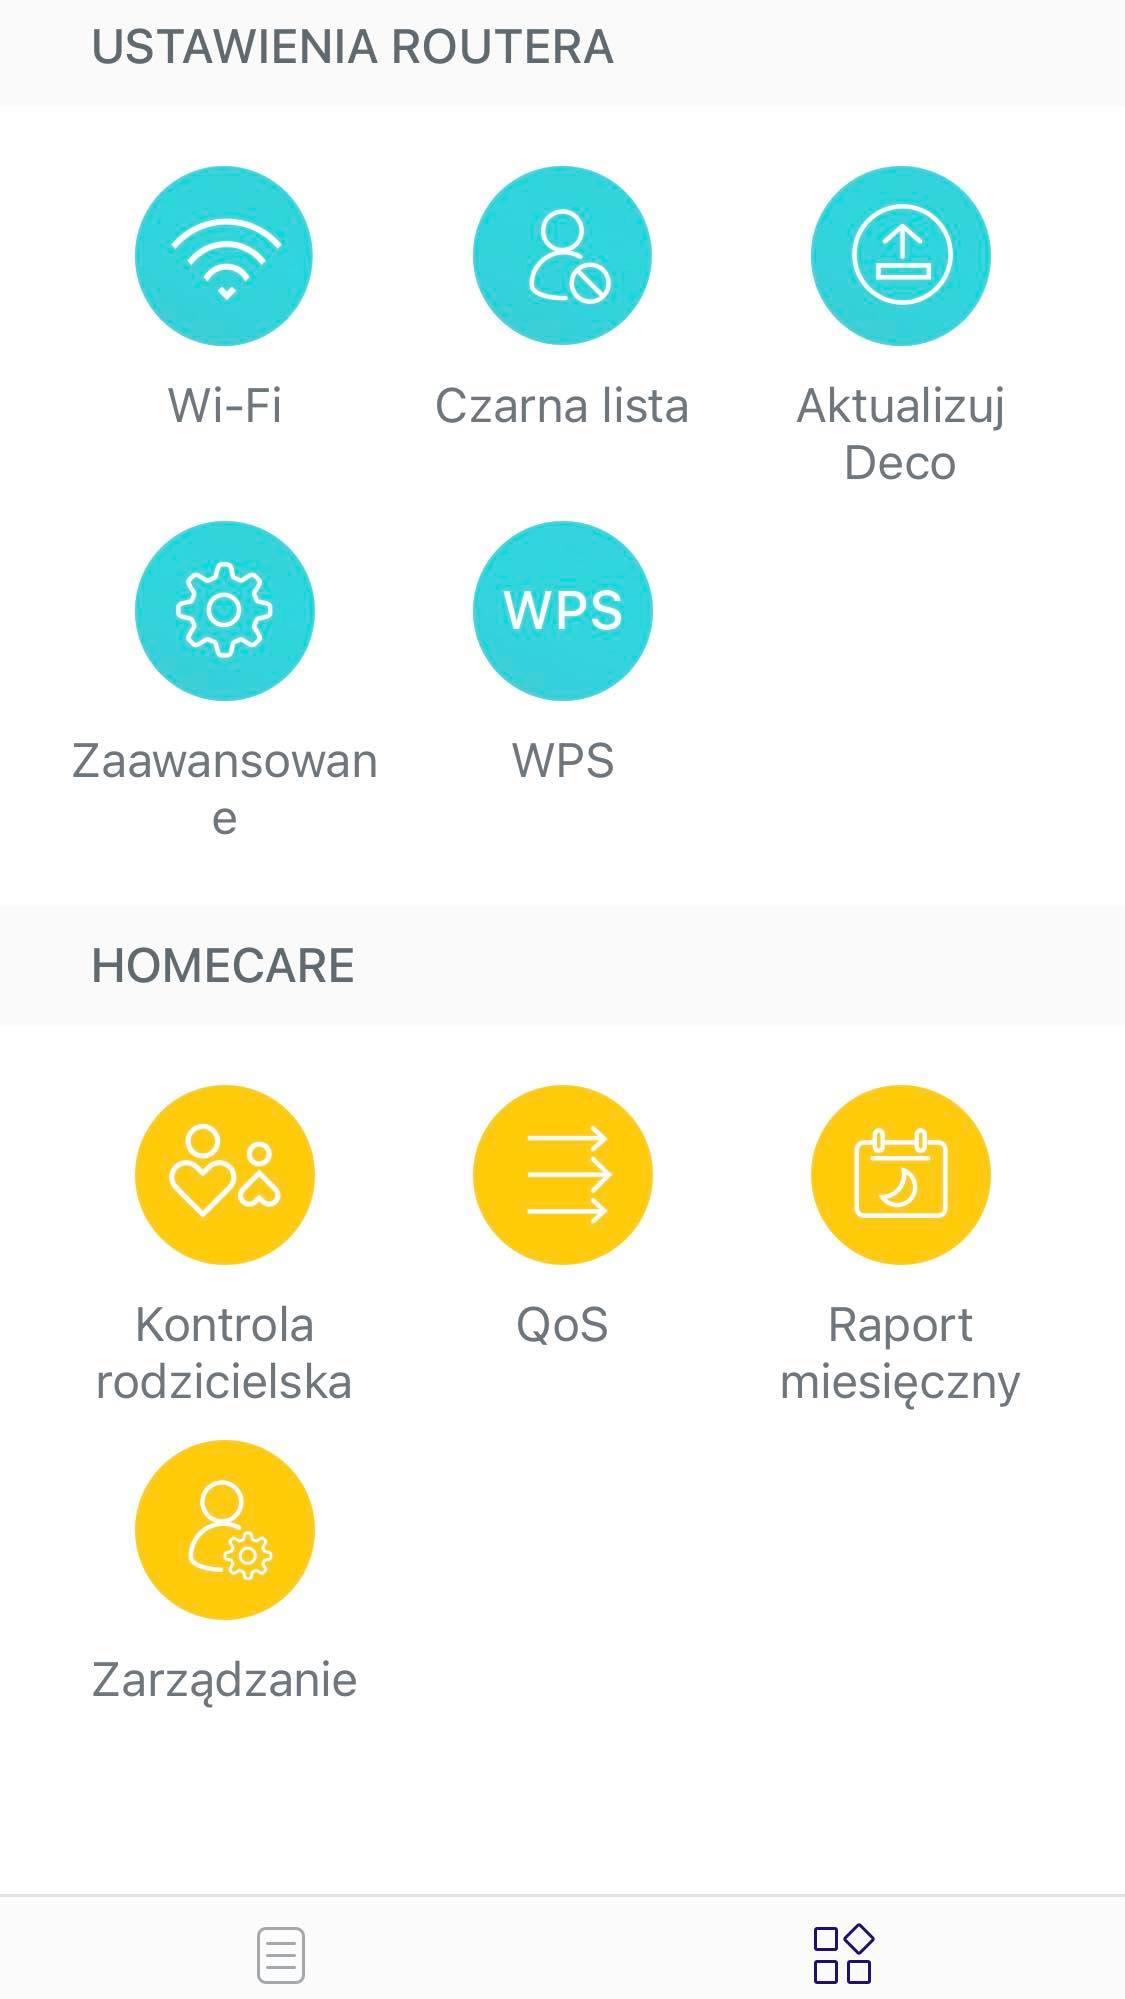 ustawienia w aplikacji deco